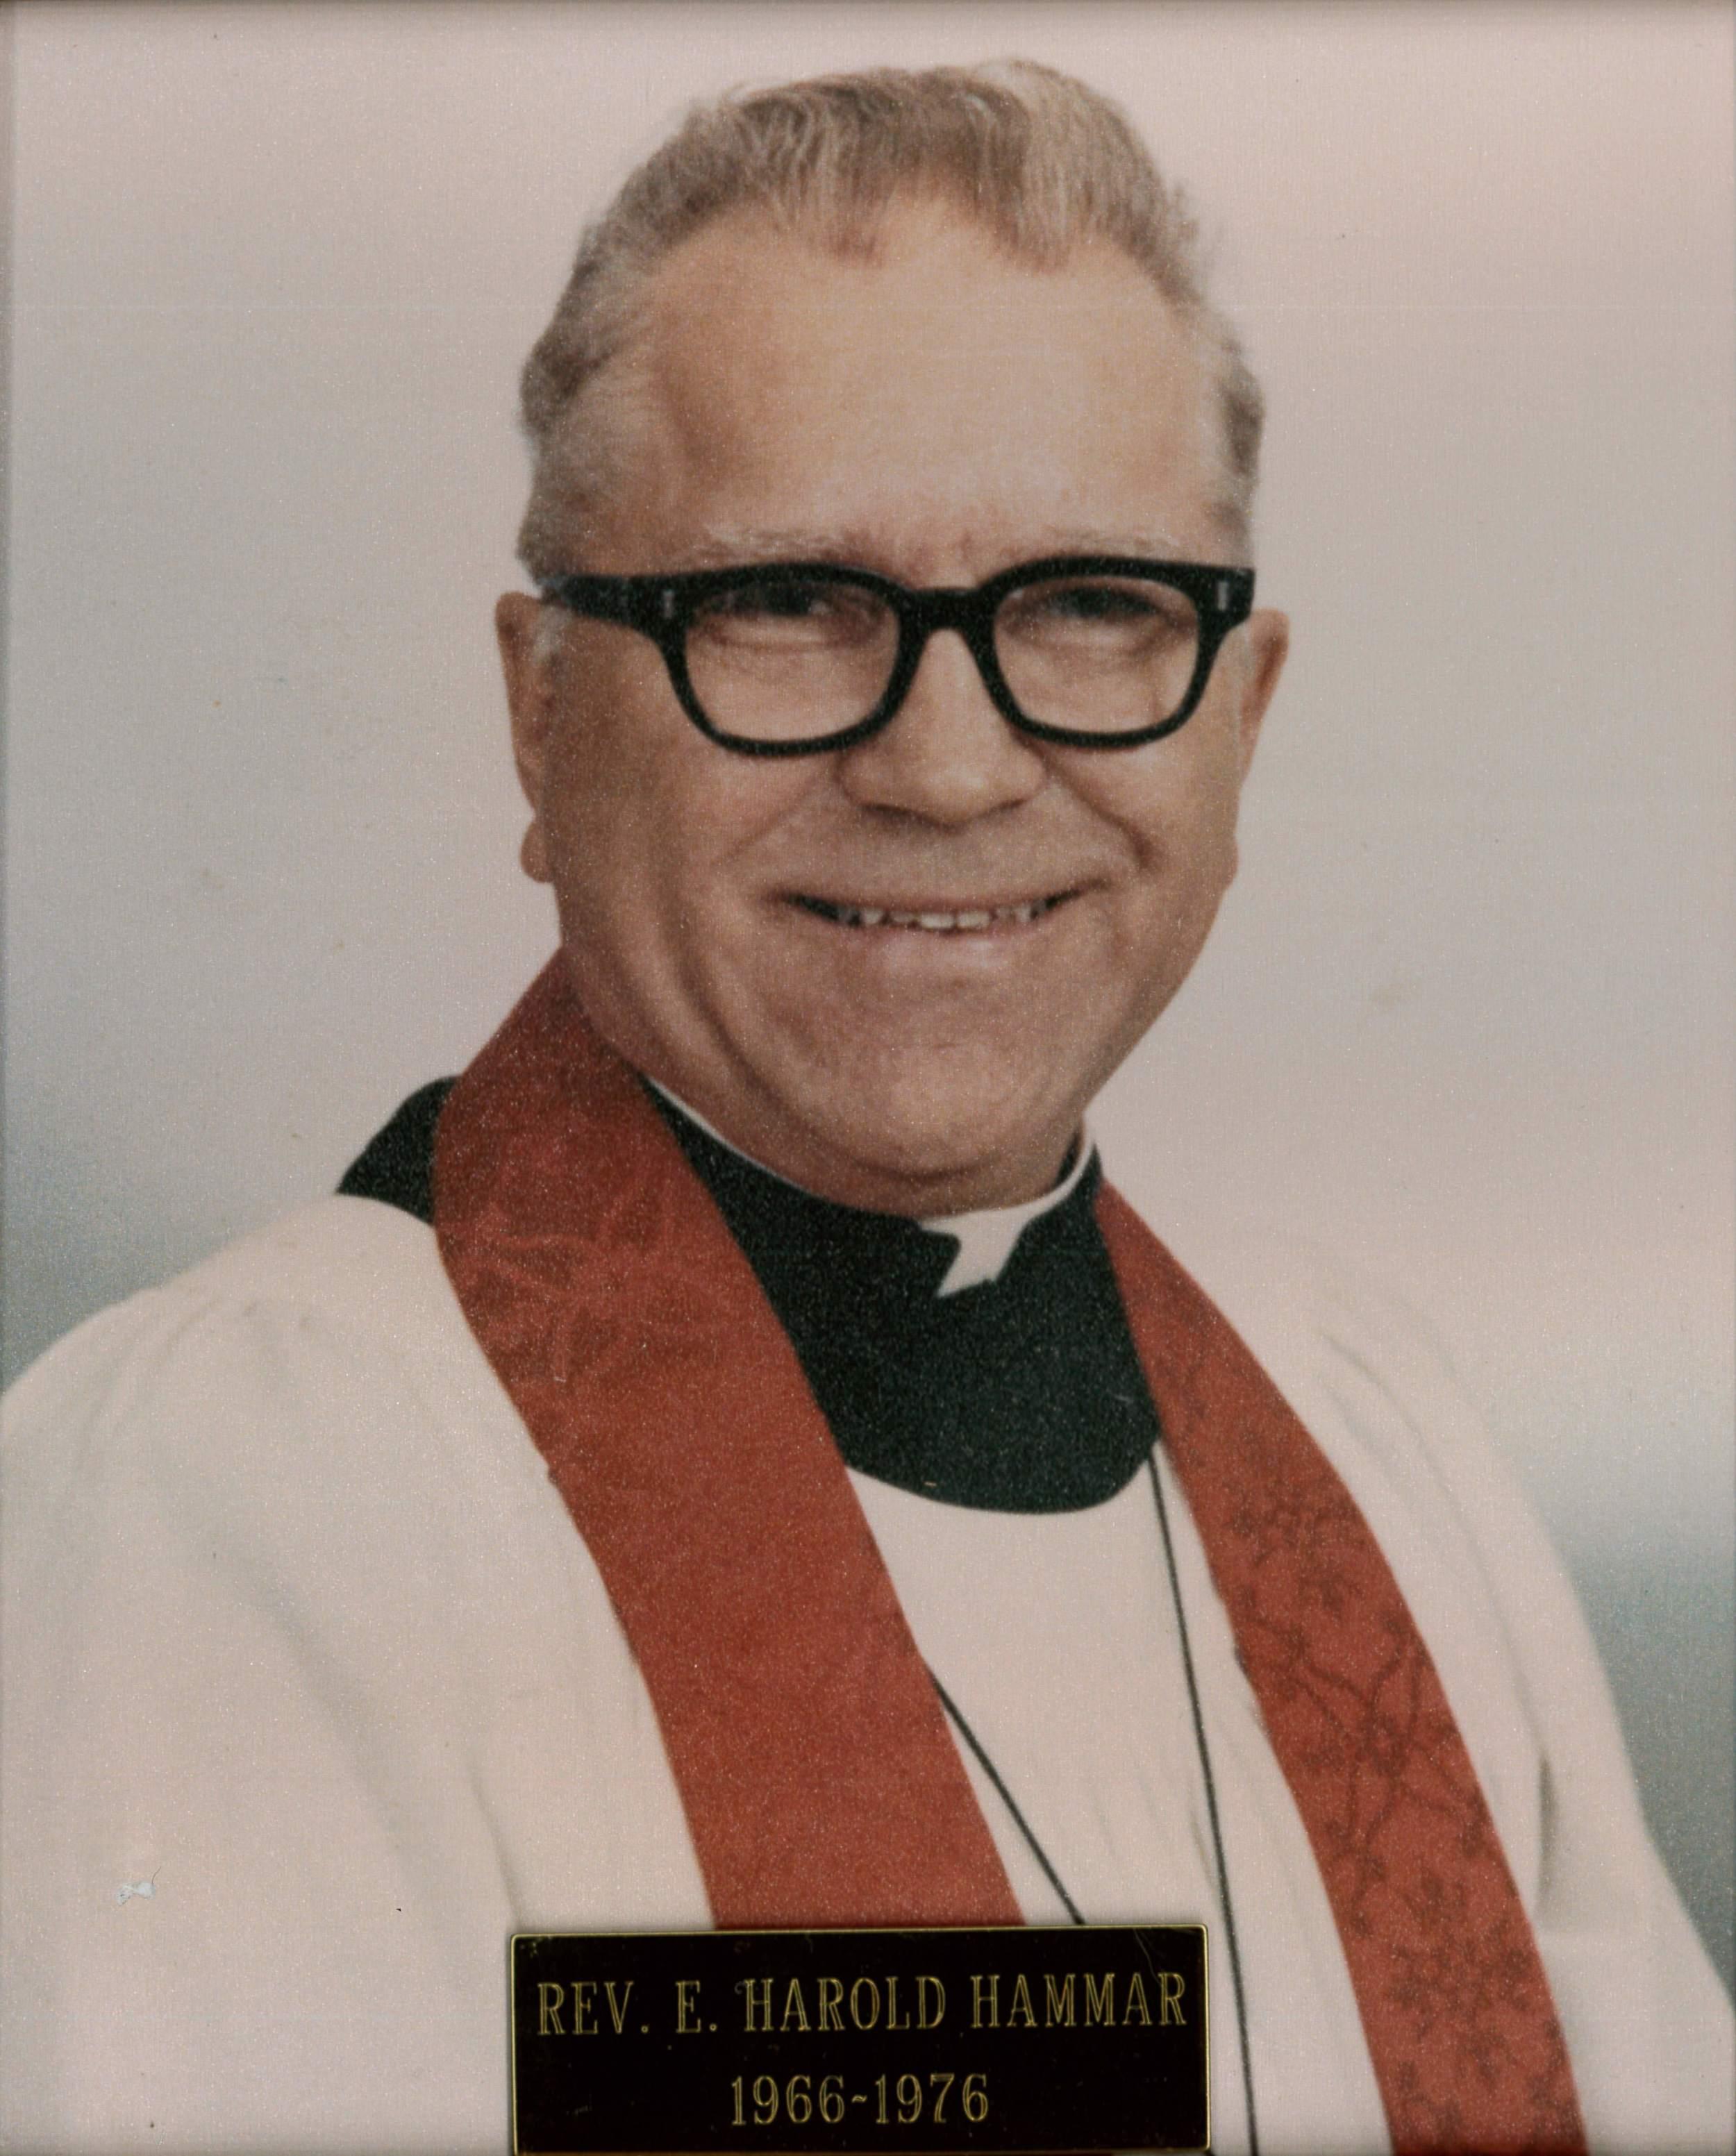 Rev. E. Harold Hammer